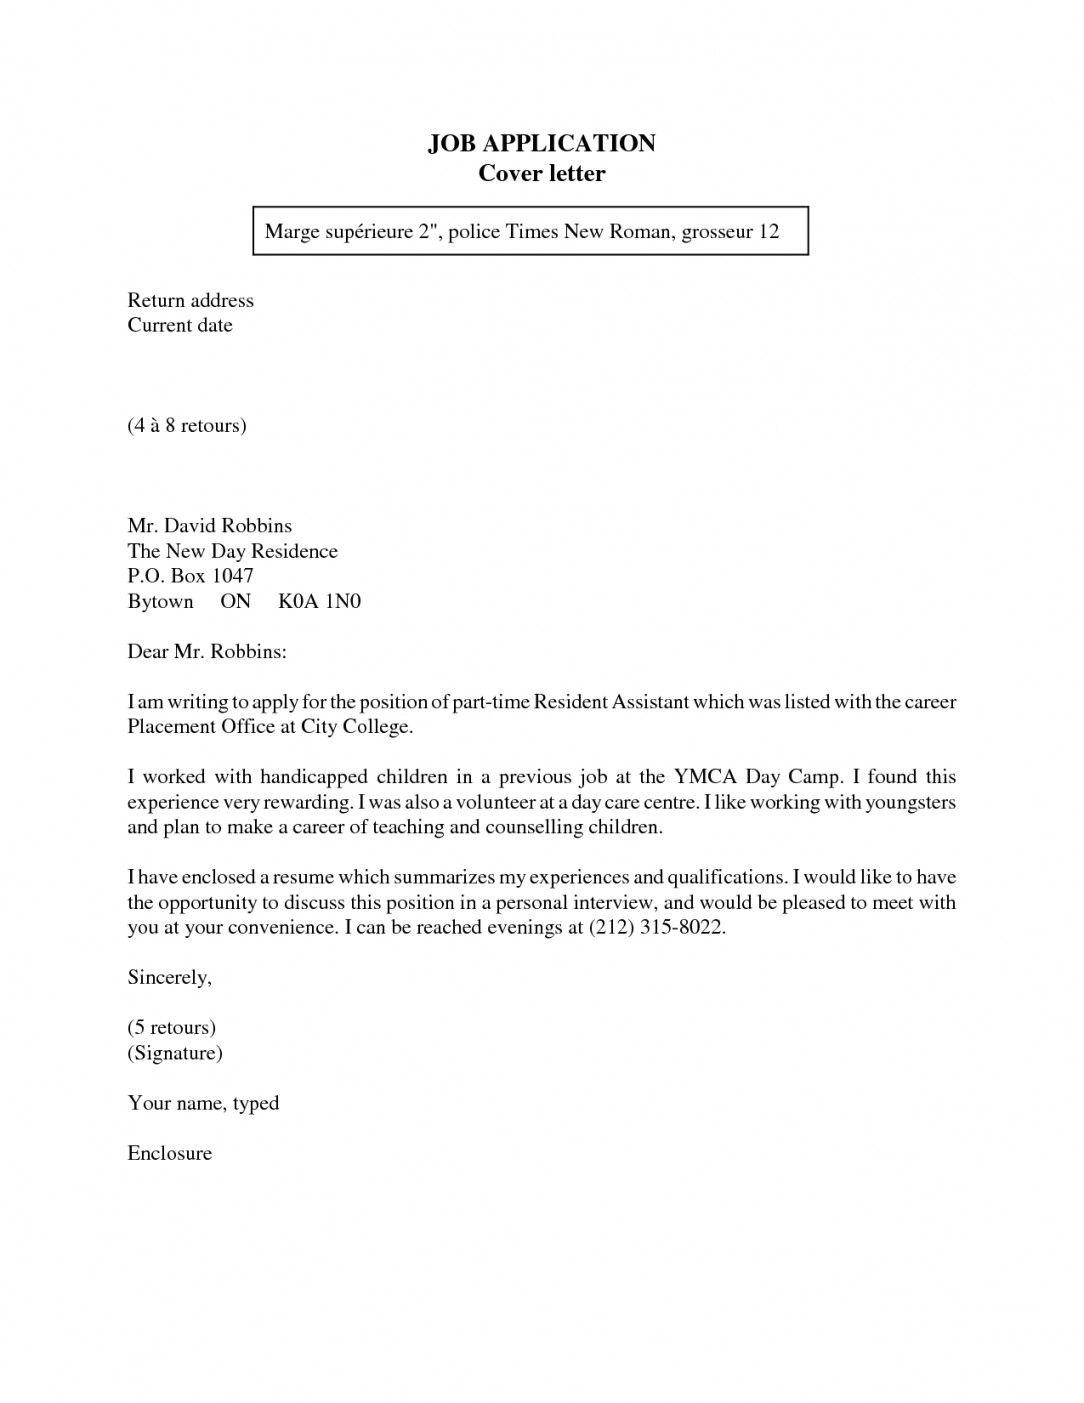 27 Cover Letter Starters Job Cover Letter Job Application Cover Letter Lettering